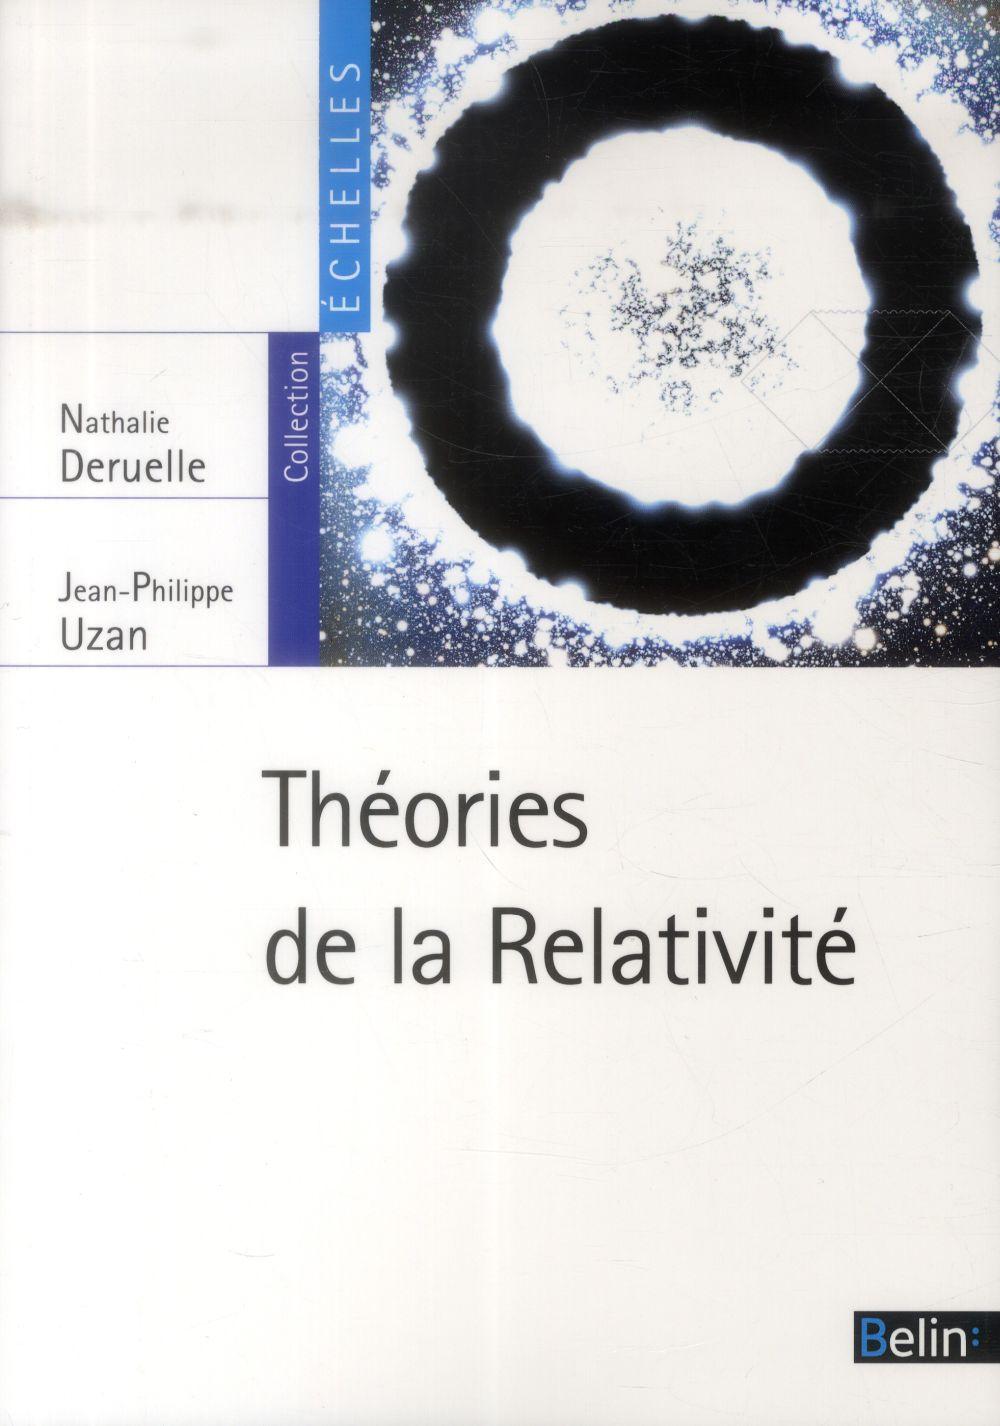 Théories de la relativité